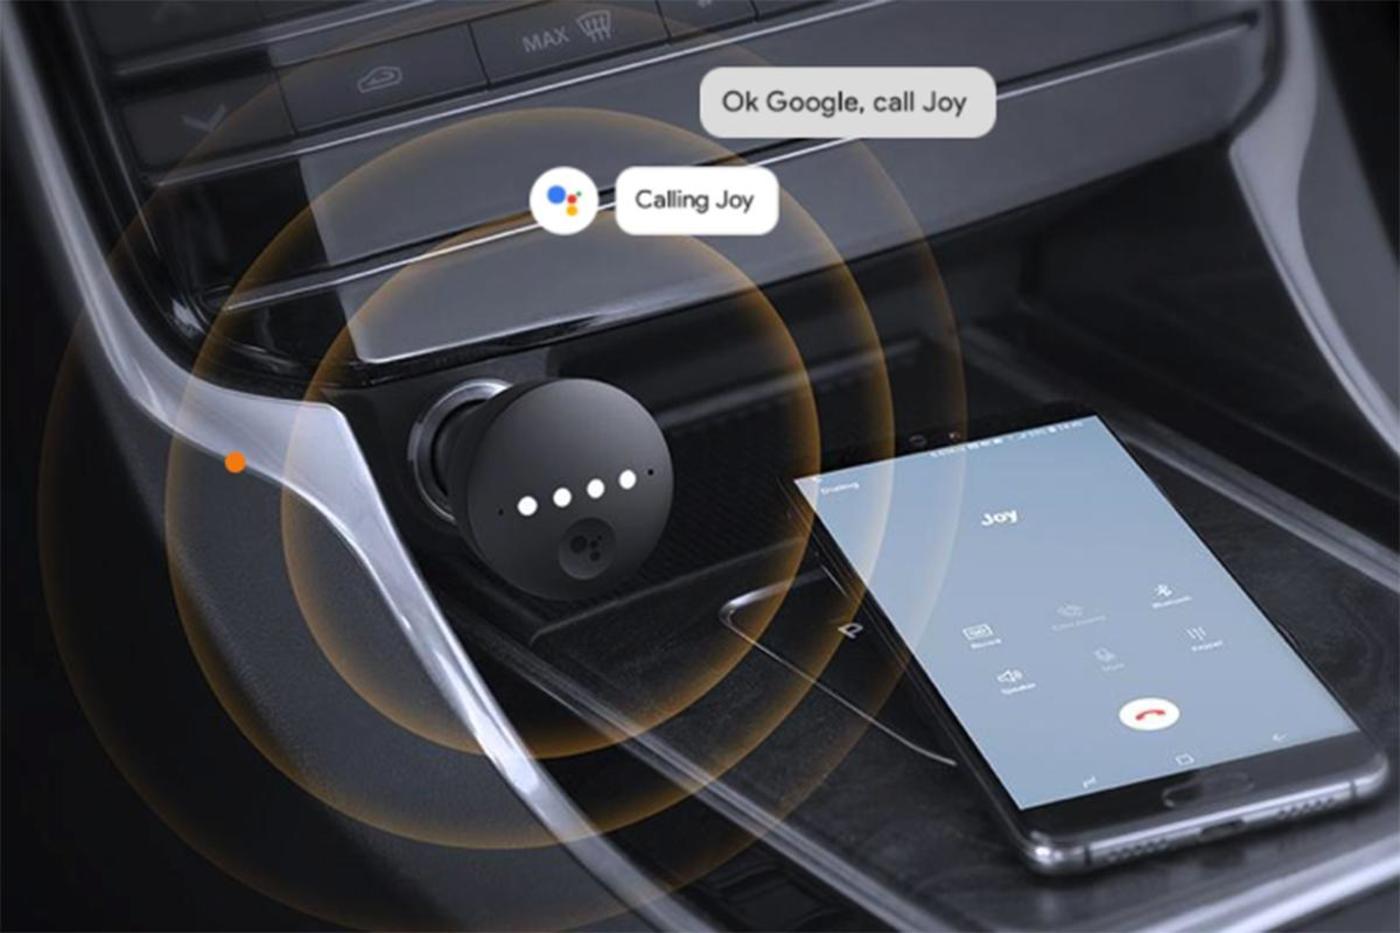 Anker Roav Bolt : le premier accessoire auto de Google